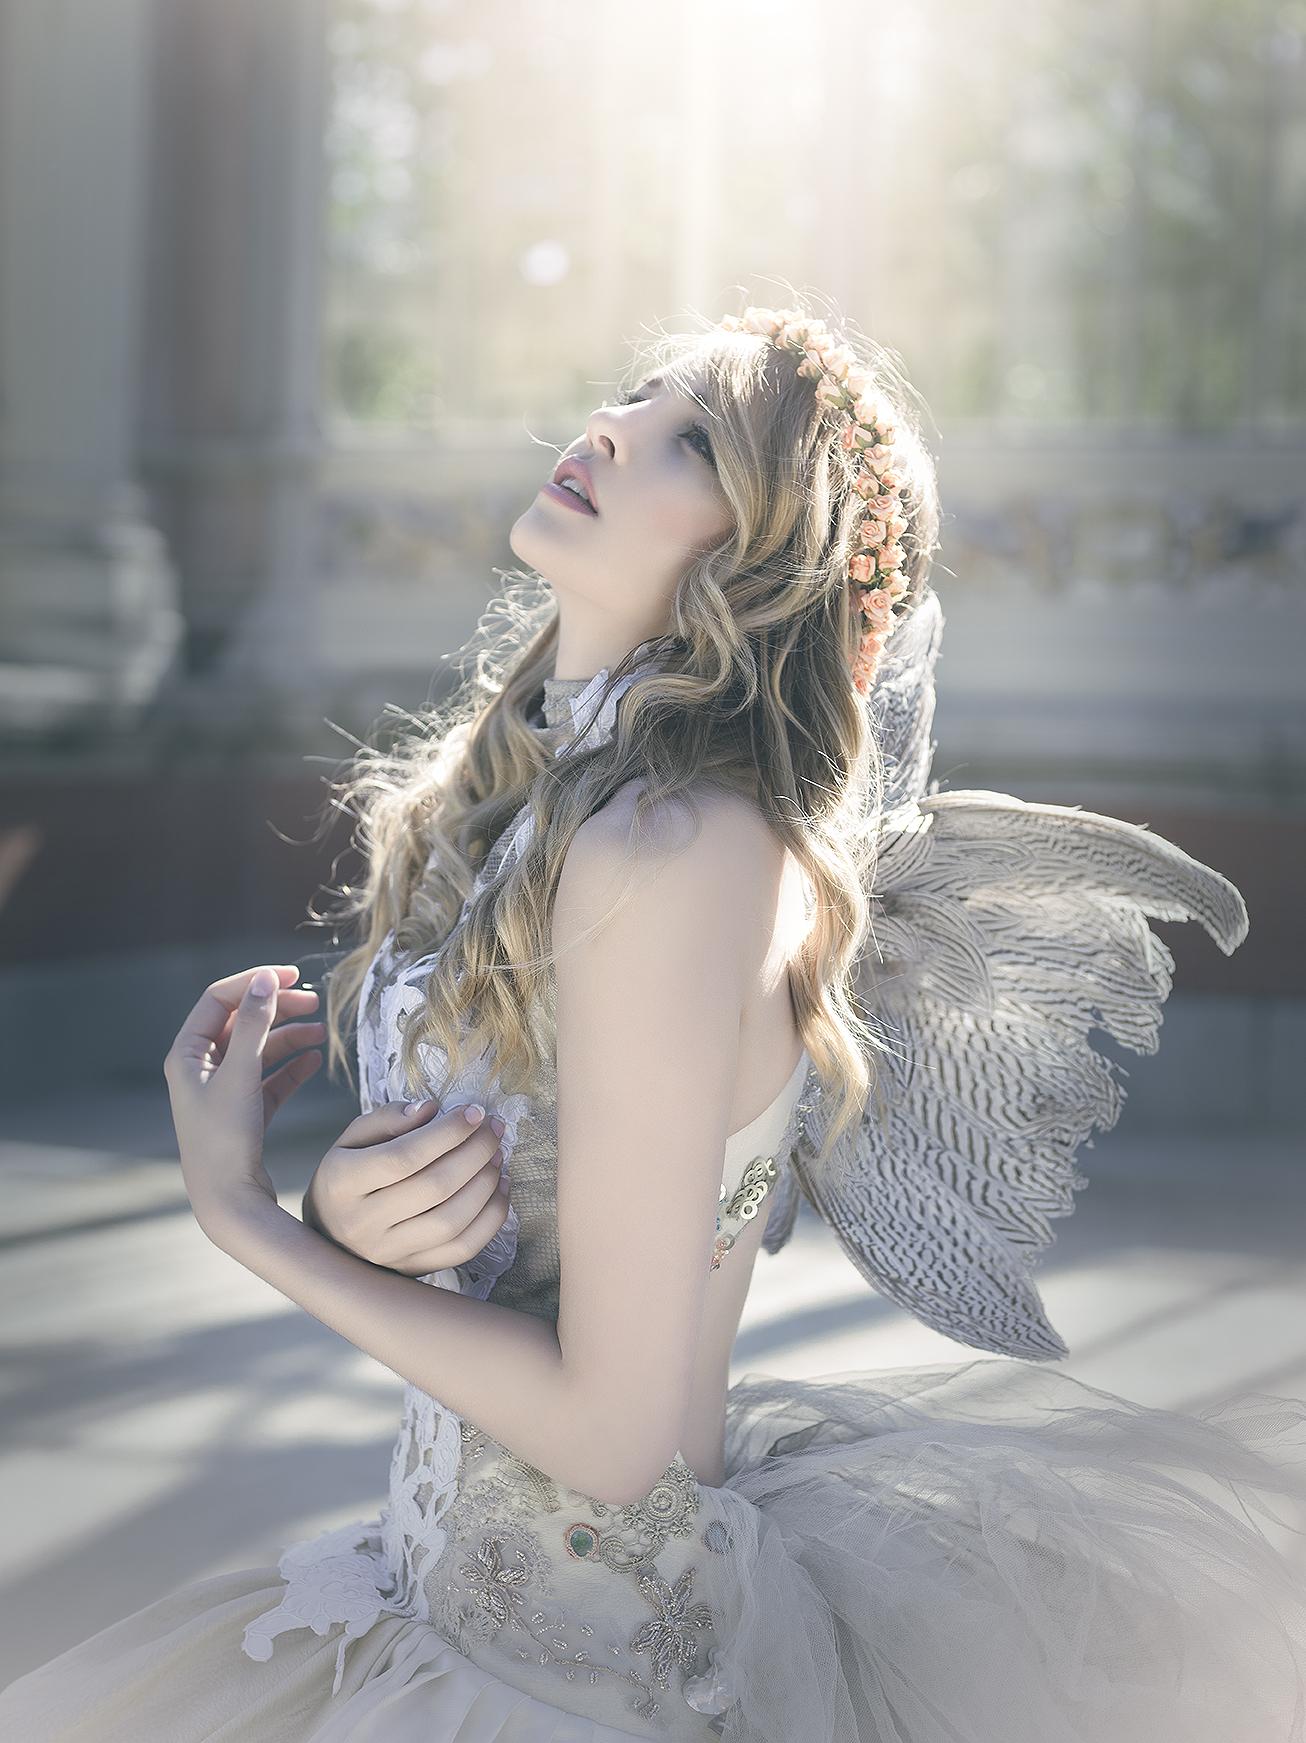 снабдить натяжной красивые фотографии ангела всегда могут